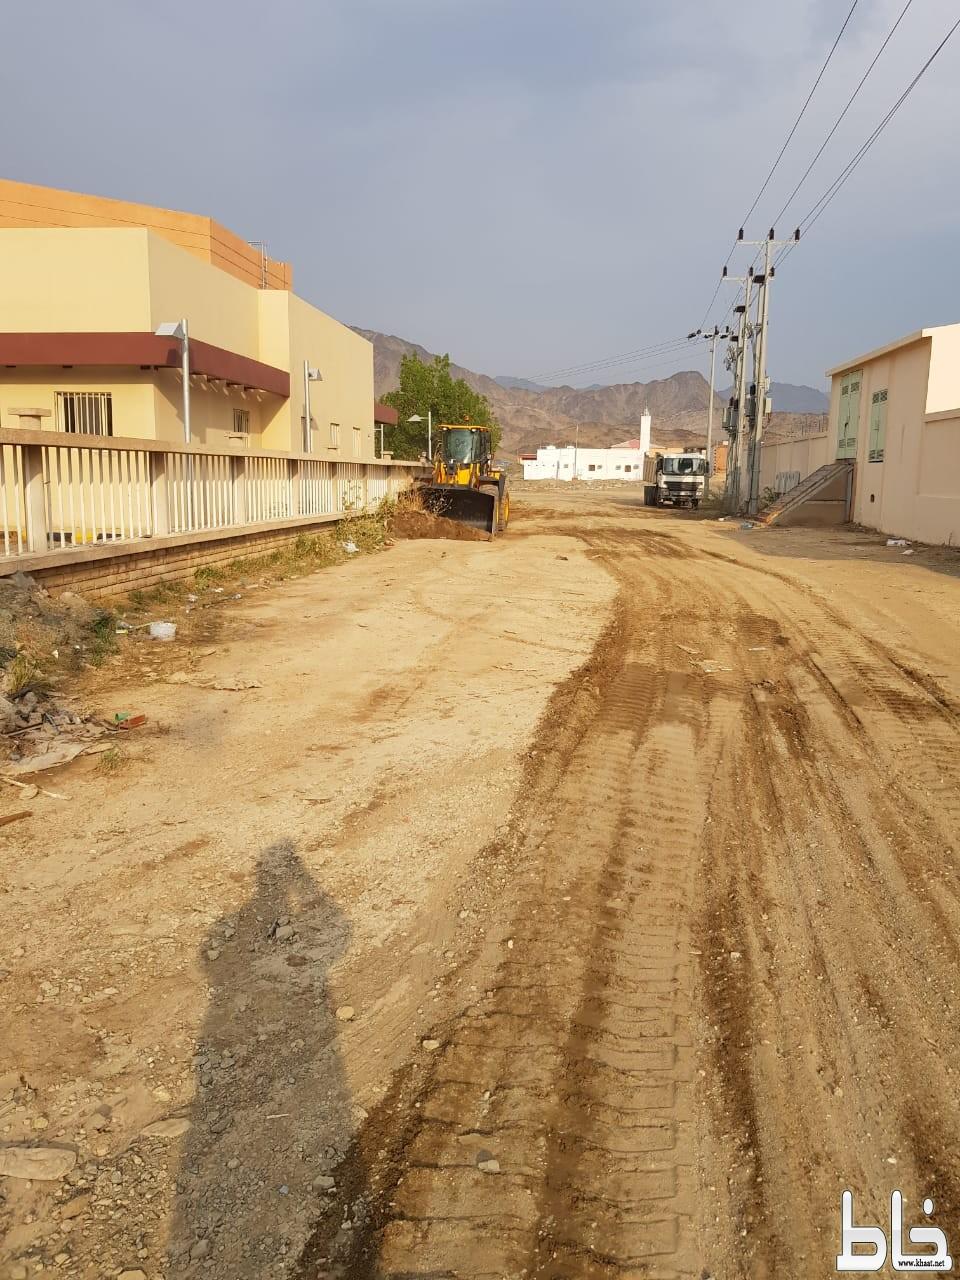 بلدية محافظة خليص تعيد فتح وتمهيد الطرق المتضررة بعد هطول الامطار على وادي ستارة